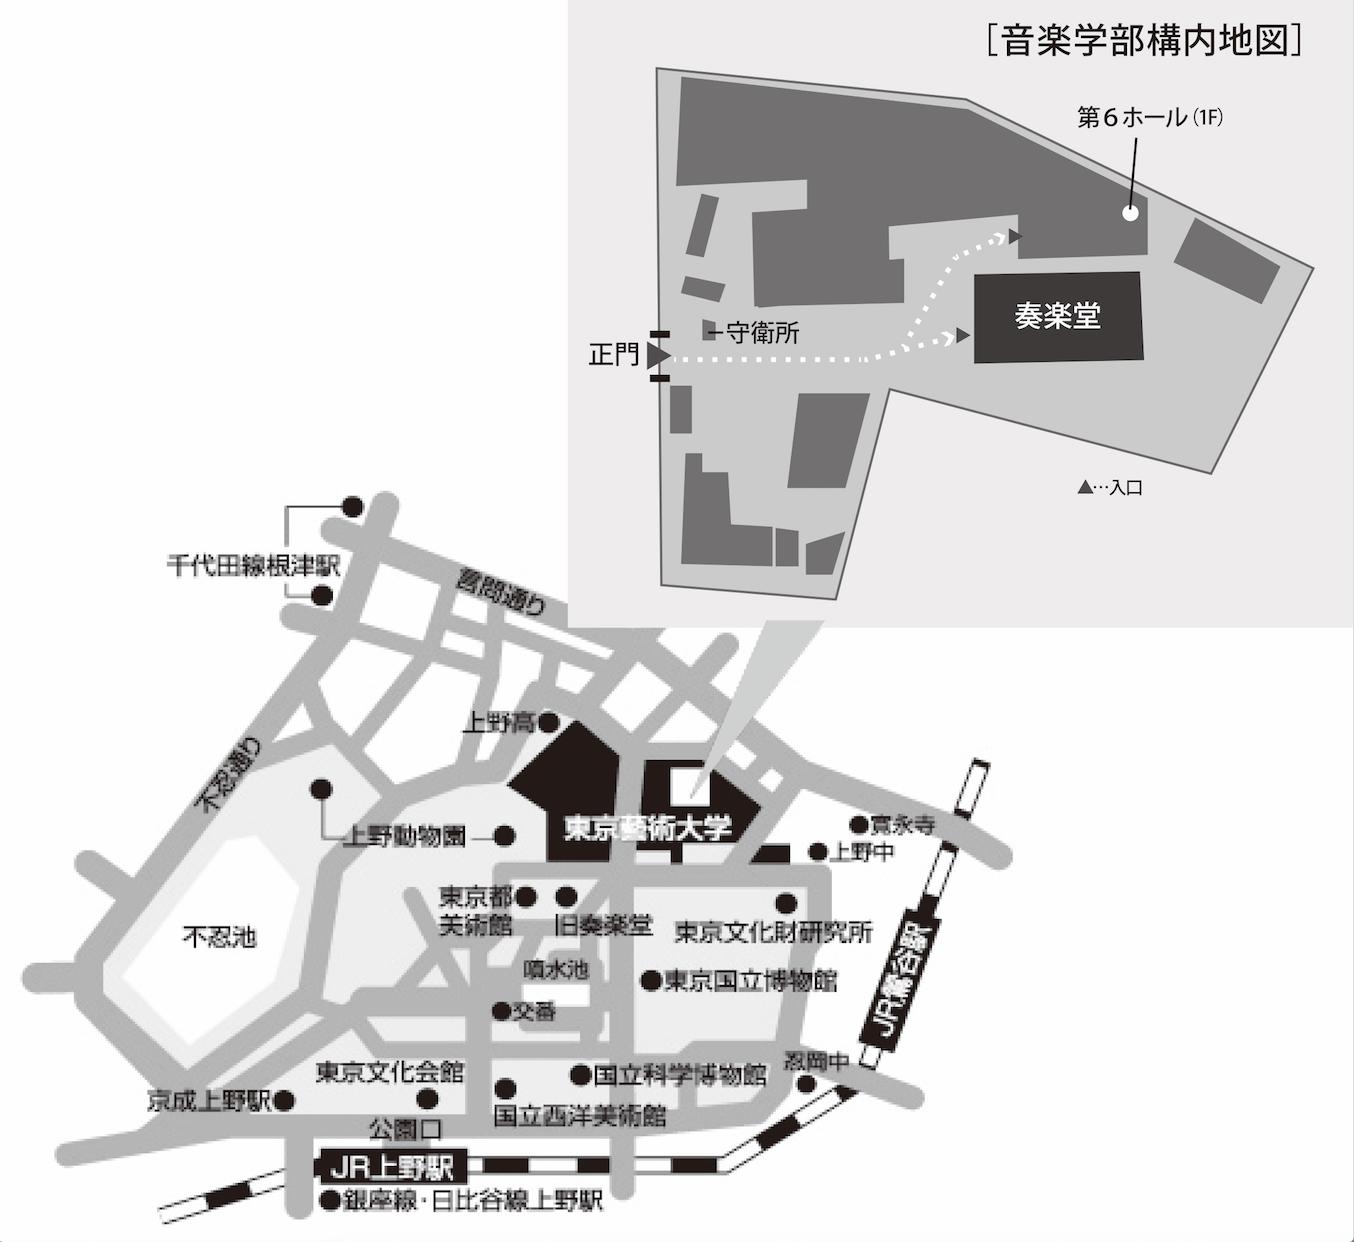 6ホール・奏楽堂 地図